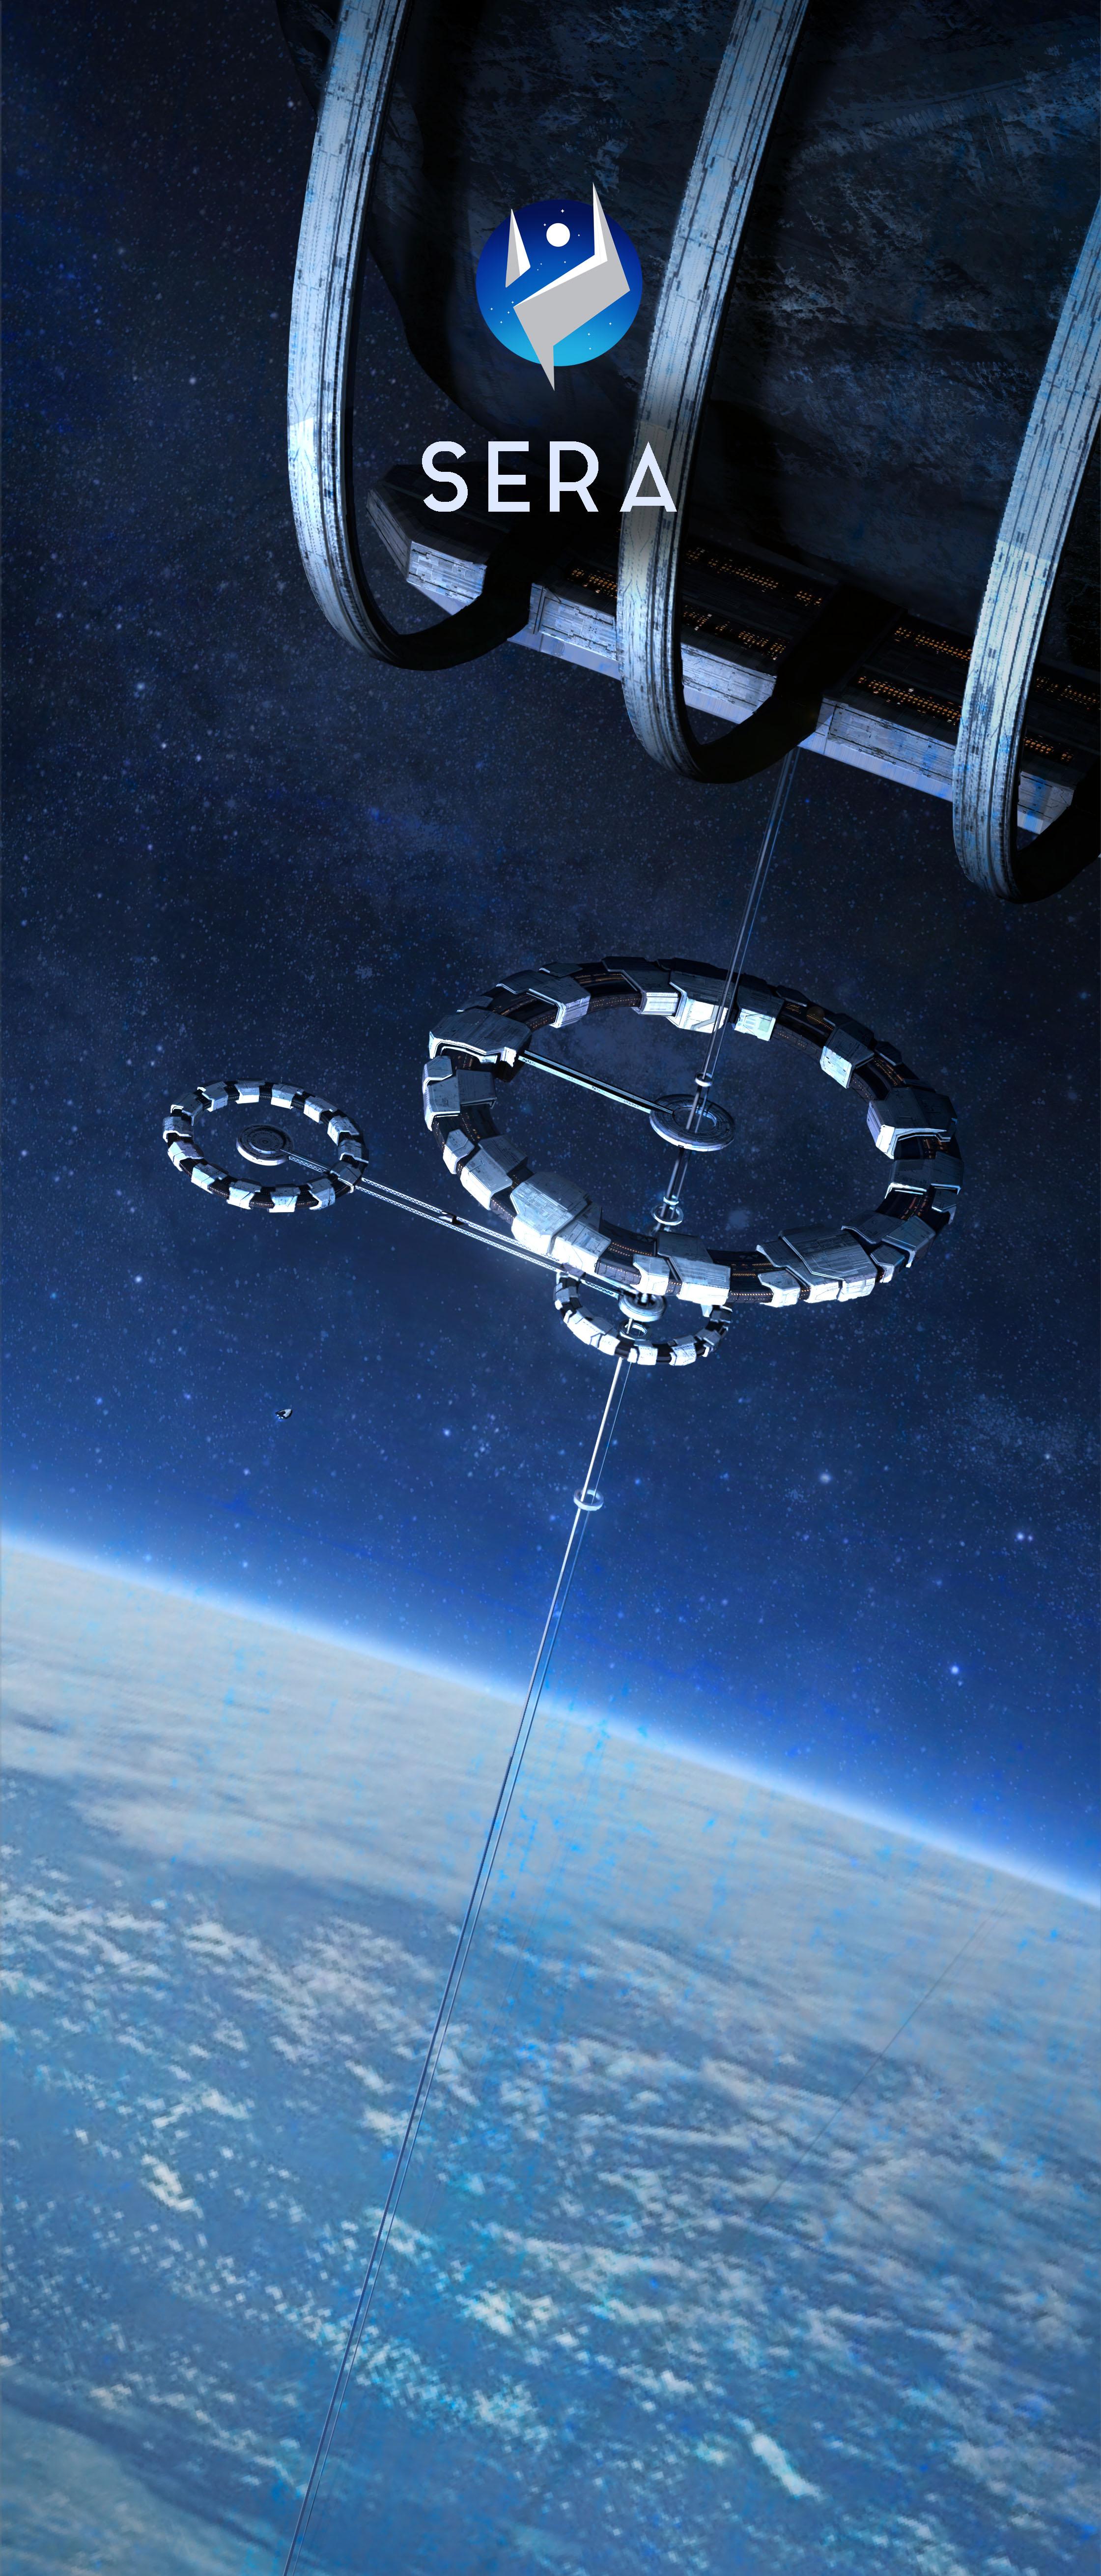 SERA SPACE STATION